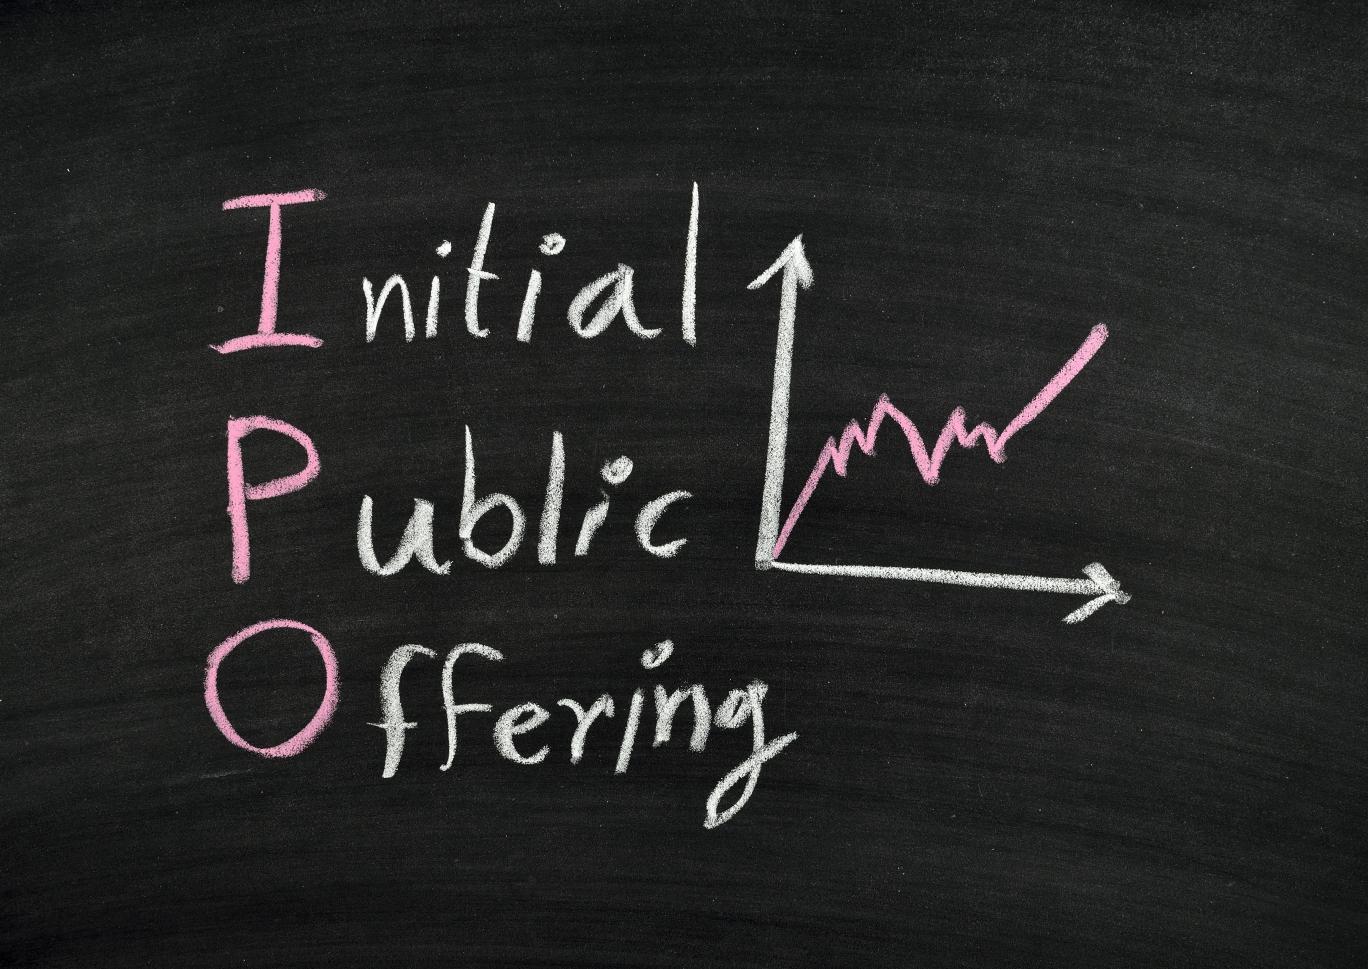 Первичное публичное предложение или IPO, как работает данный инструмент?